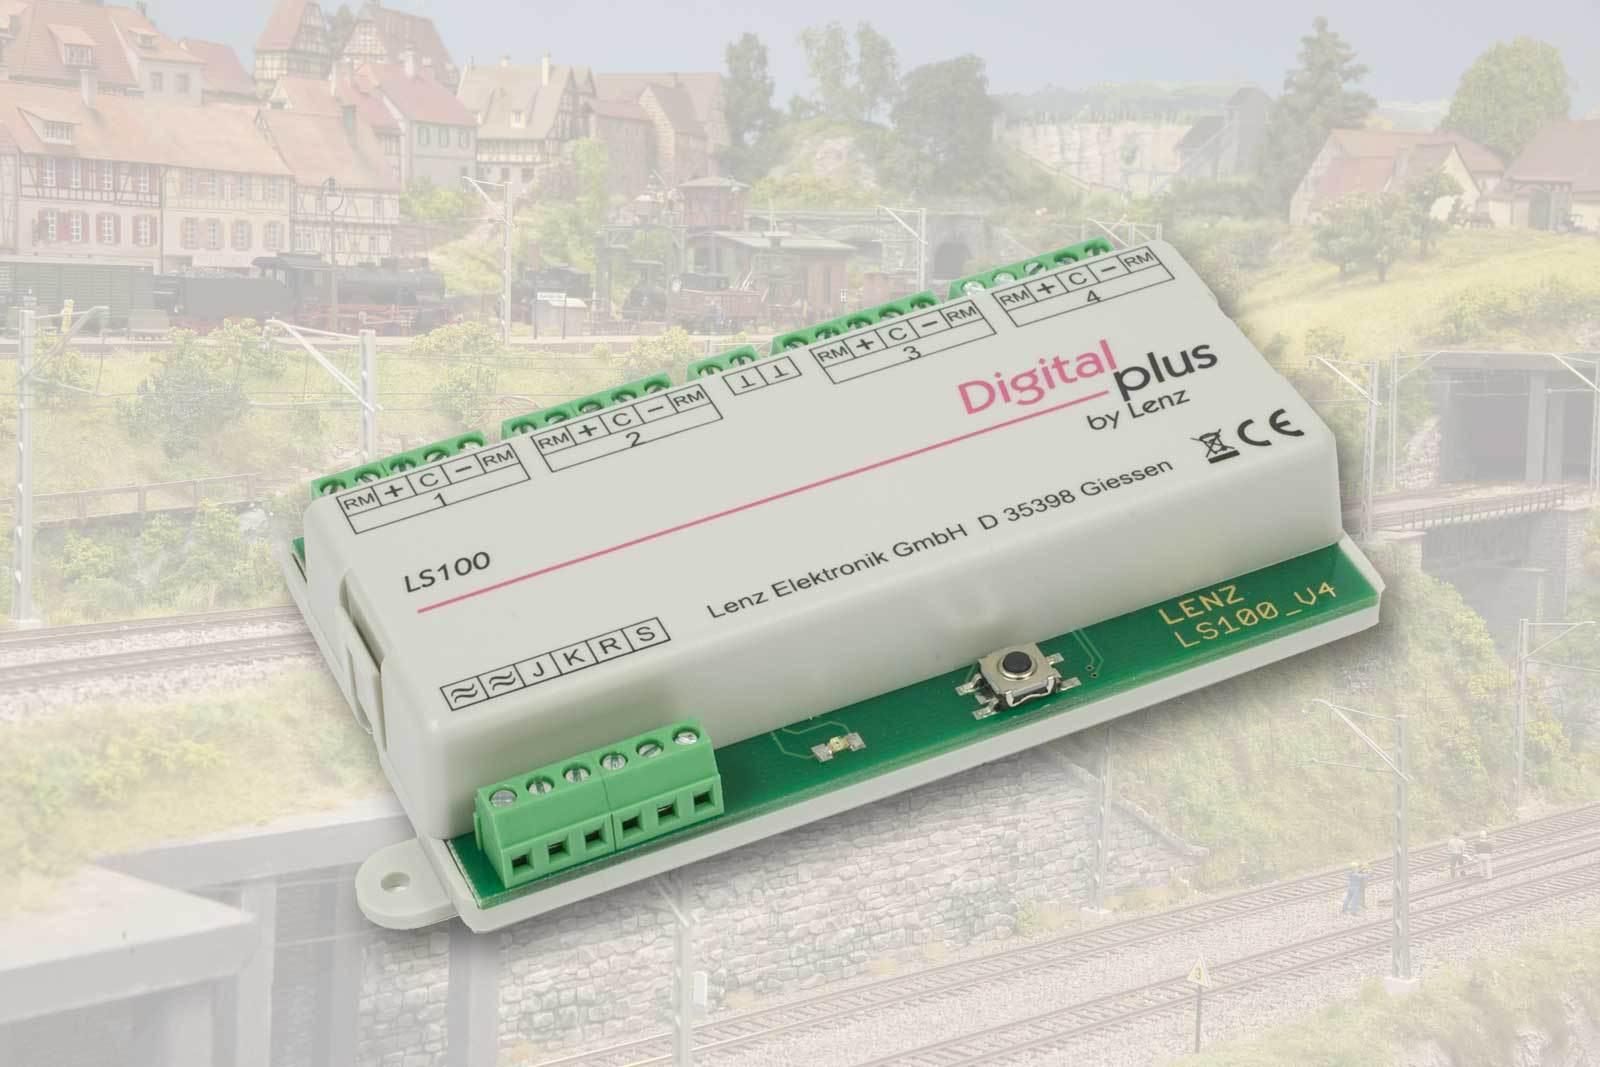 Lenz 11100 ls100 del circuito destinatario 4 veces con punto de recuento